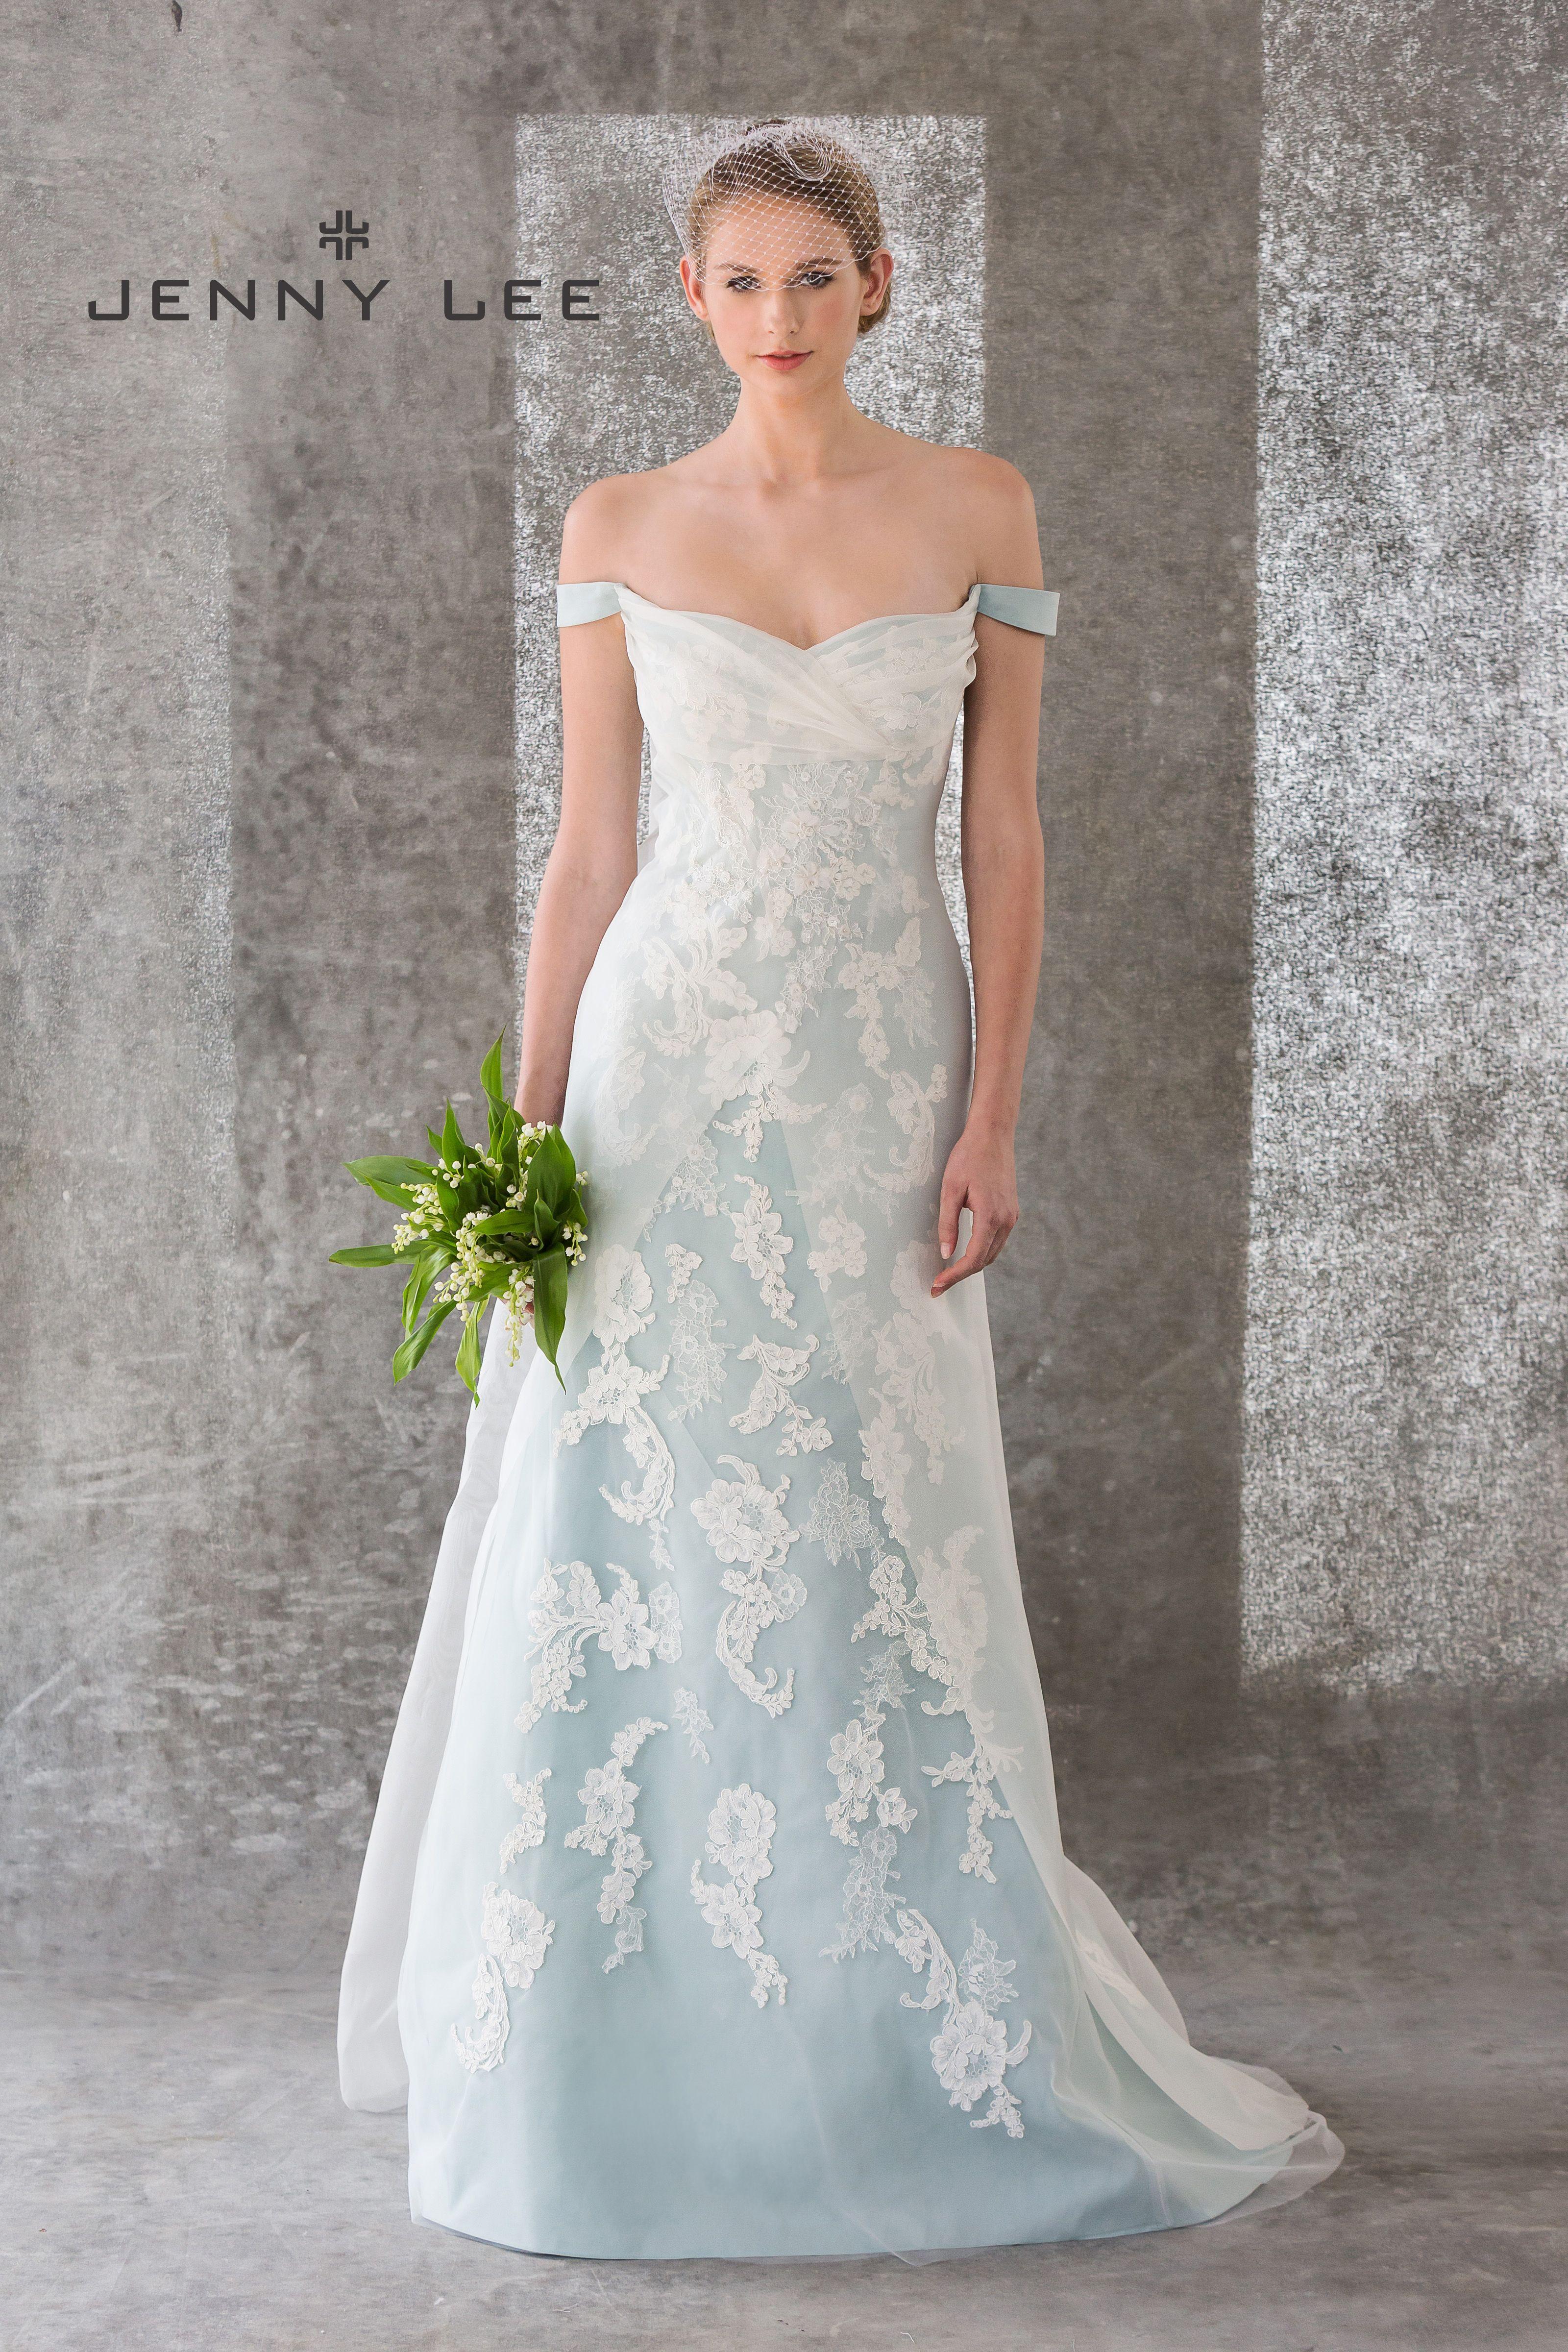 Lace wedding dress designers  Jenny Lee Bridal Spring     Aqua Blue Off Shoulder Silk